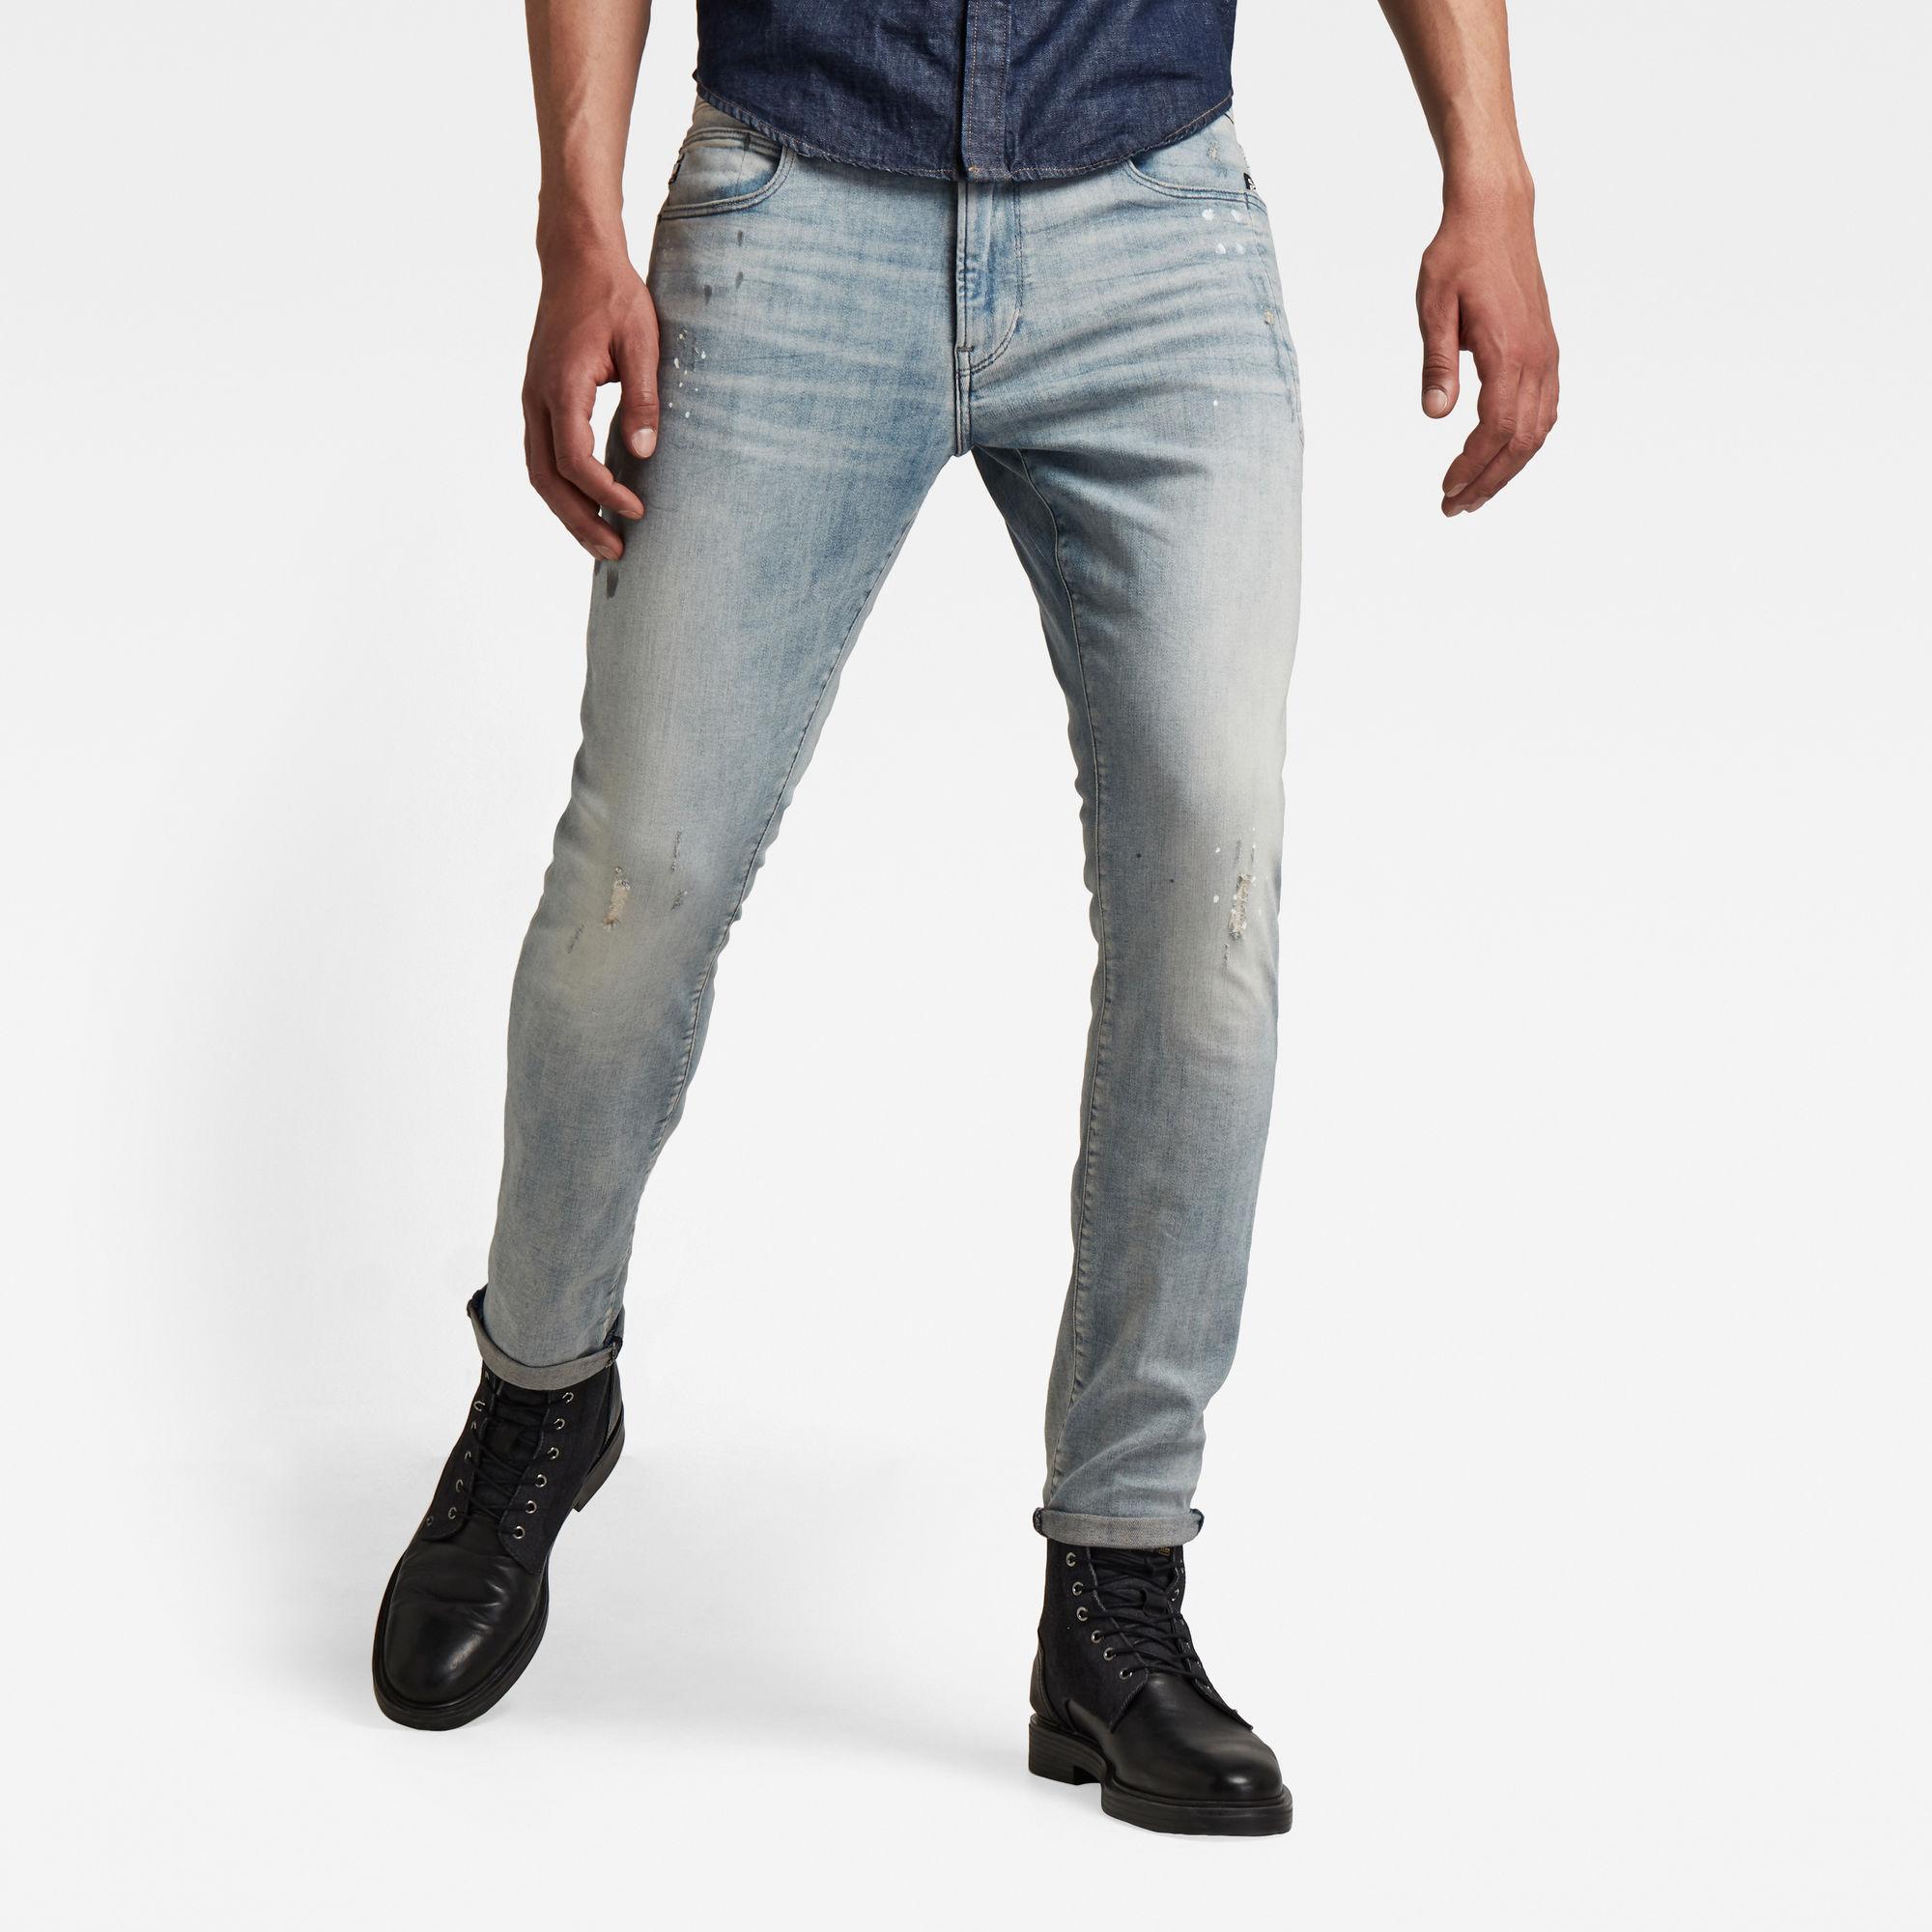 G-Star RAW Heren Lancet Skinny Jeans Lichtblauw